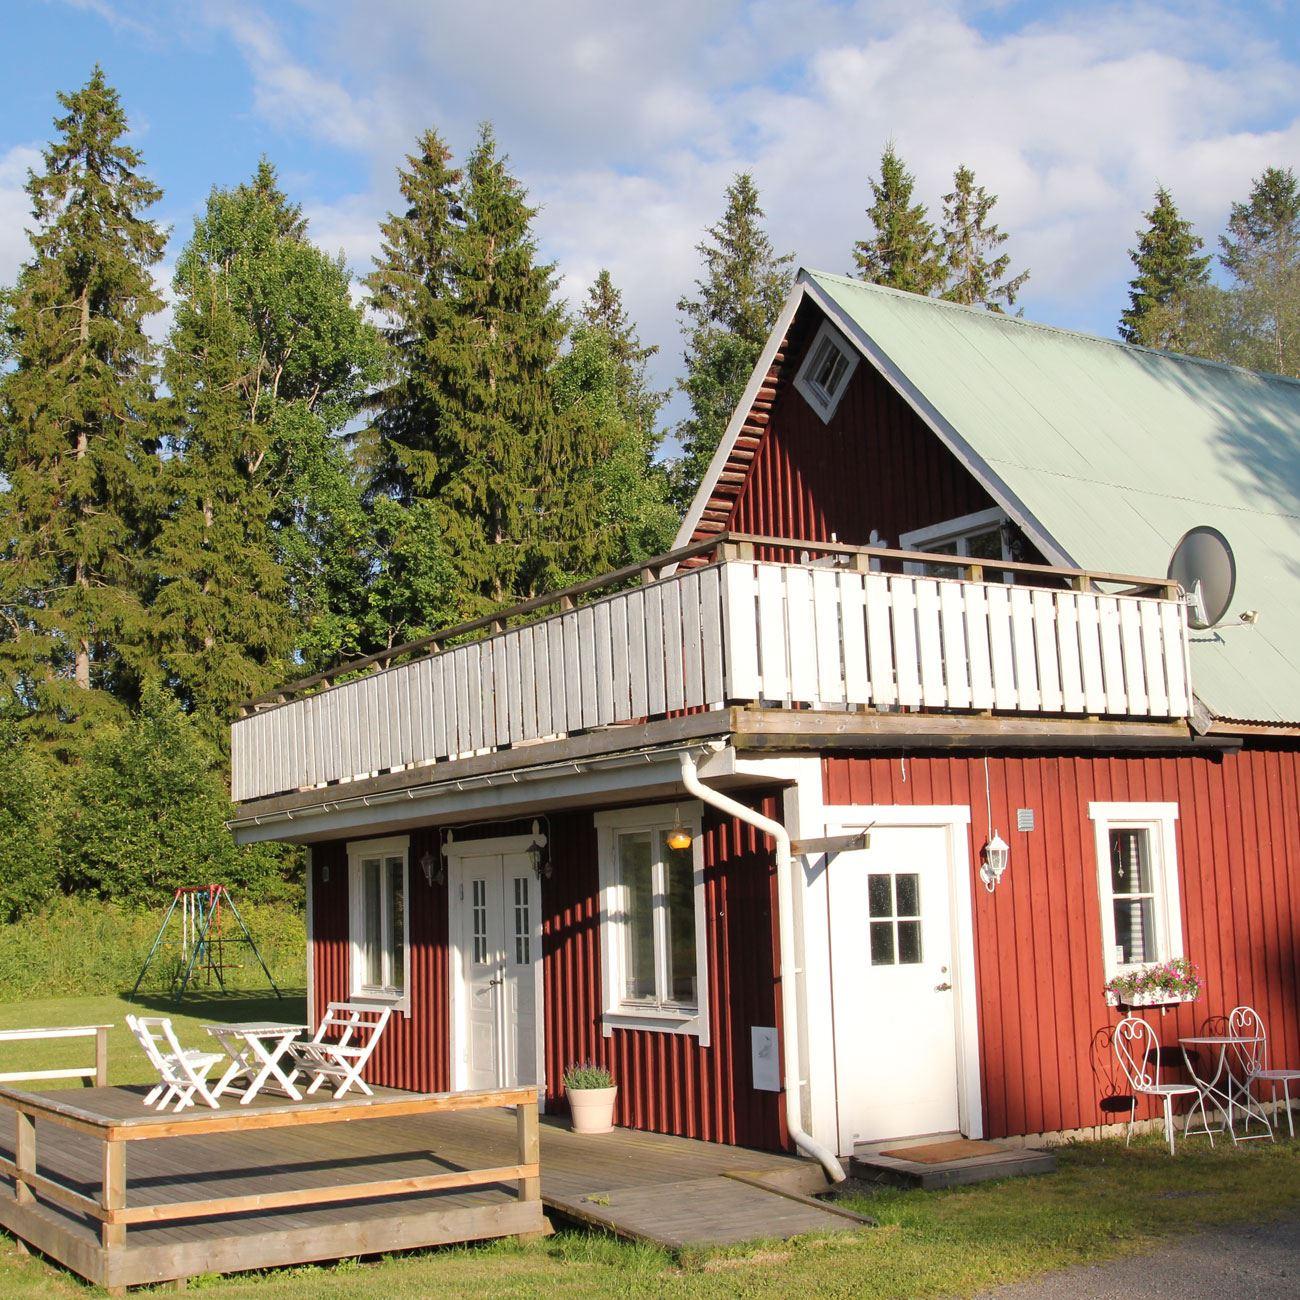 Foto: Ulf Nordholm,  © Värnamo Näringsliv AB , Granstorp, Herrestad